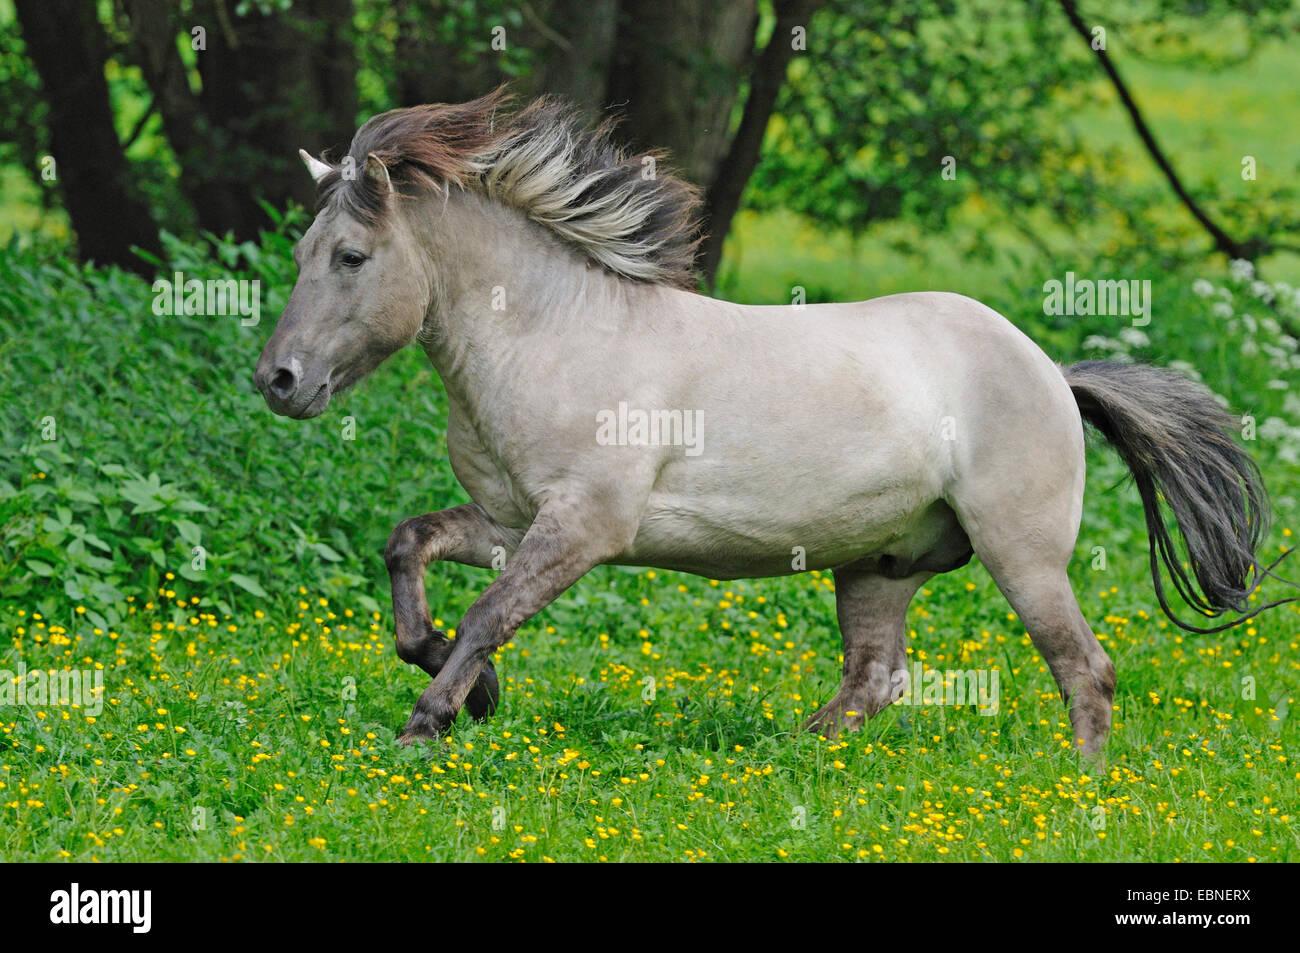 tarpan equus ferus gmelini equus gmelini zur ck durch die kreuzung von verschiedenen. Black Bedroom Furniture Sets. Home Design Ideas